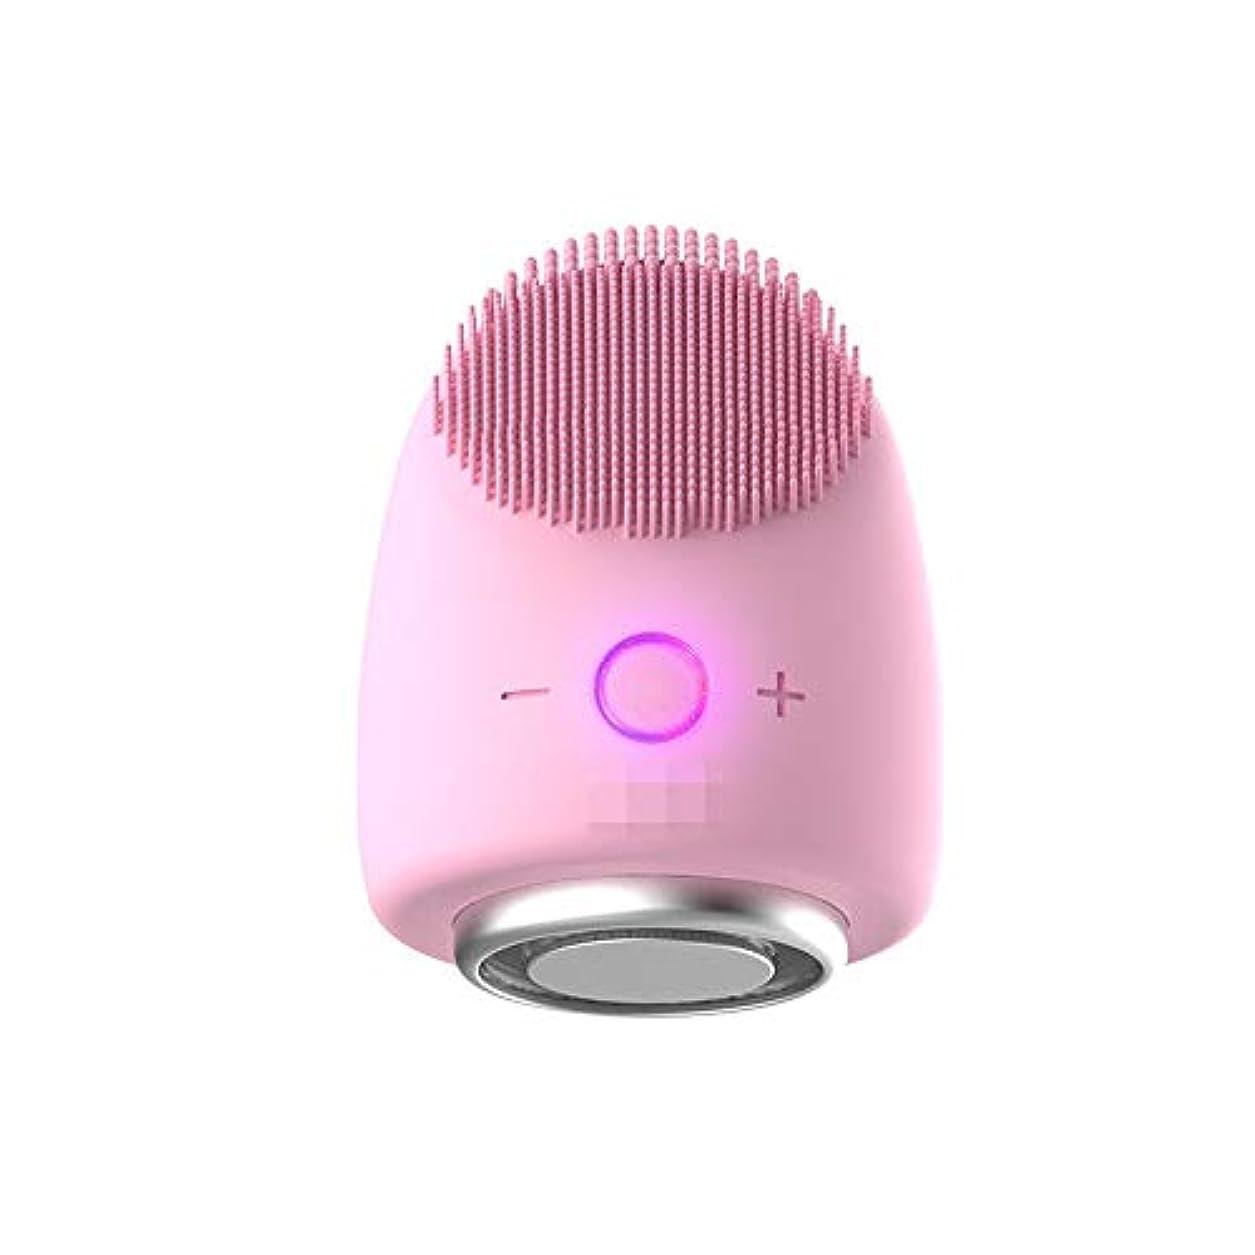 一瞬精神医学切手LYgMV 多機能美容器具洗浄器具導入器具凝縮ホットドレッシング肌活性化器具 (Color : ピンク)